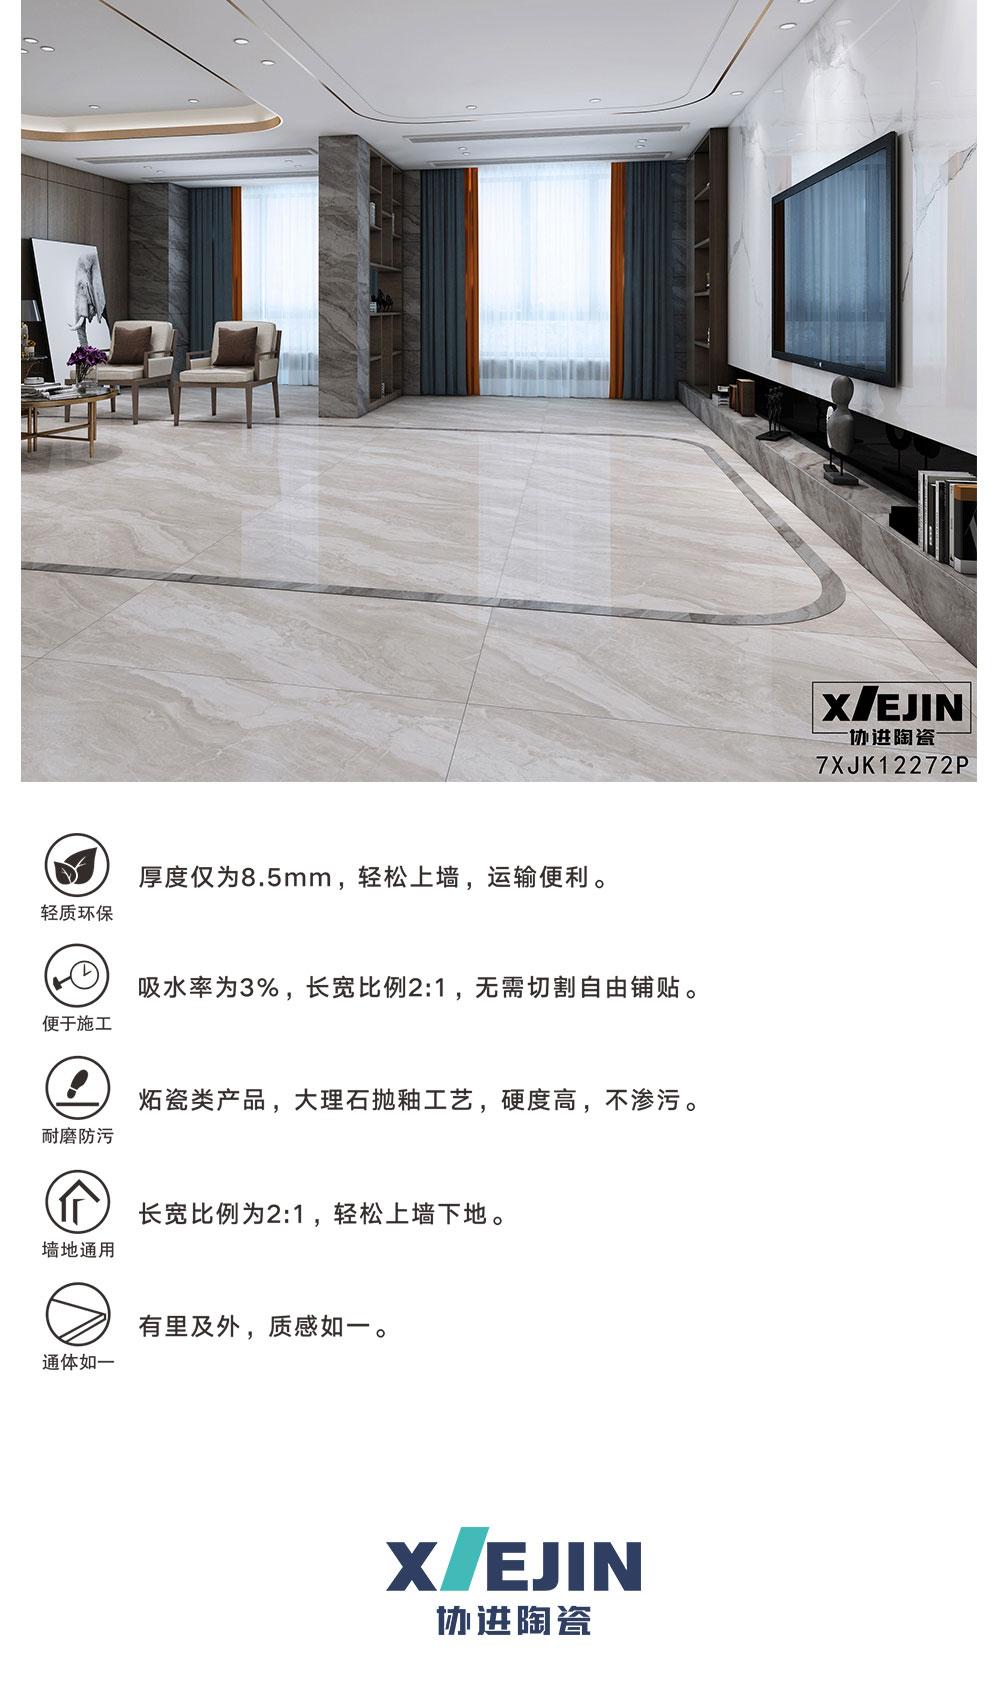 7XJK12272P_04.jpg